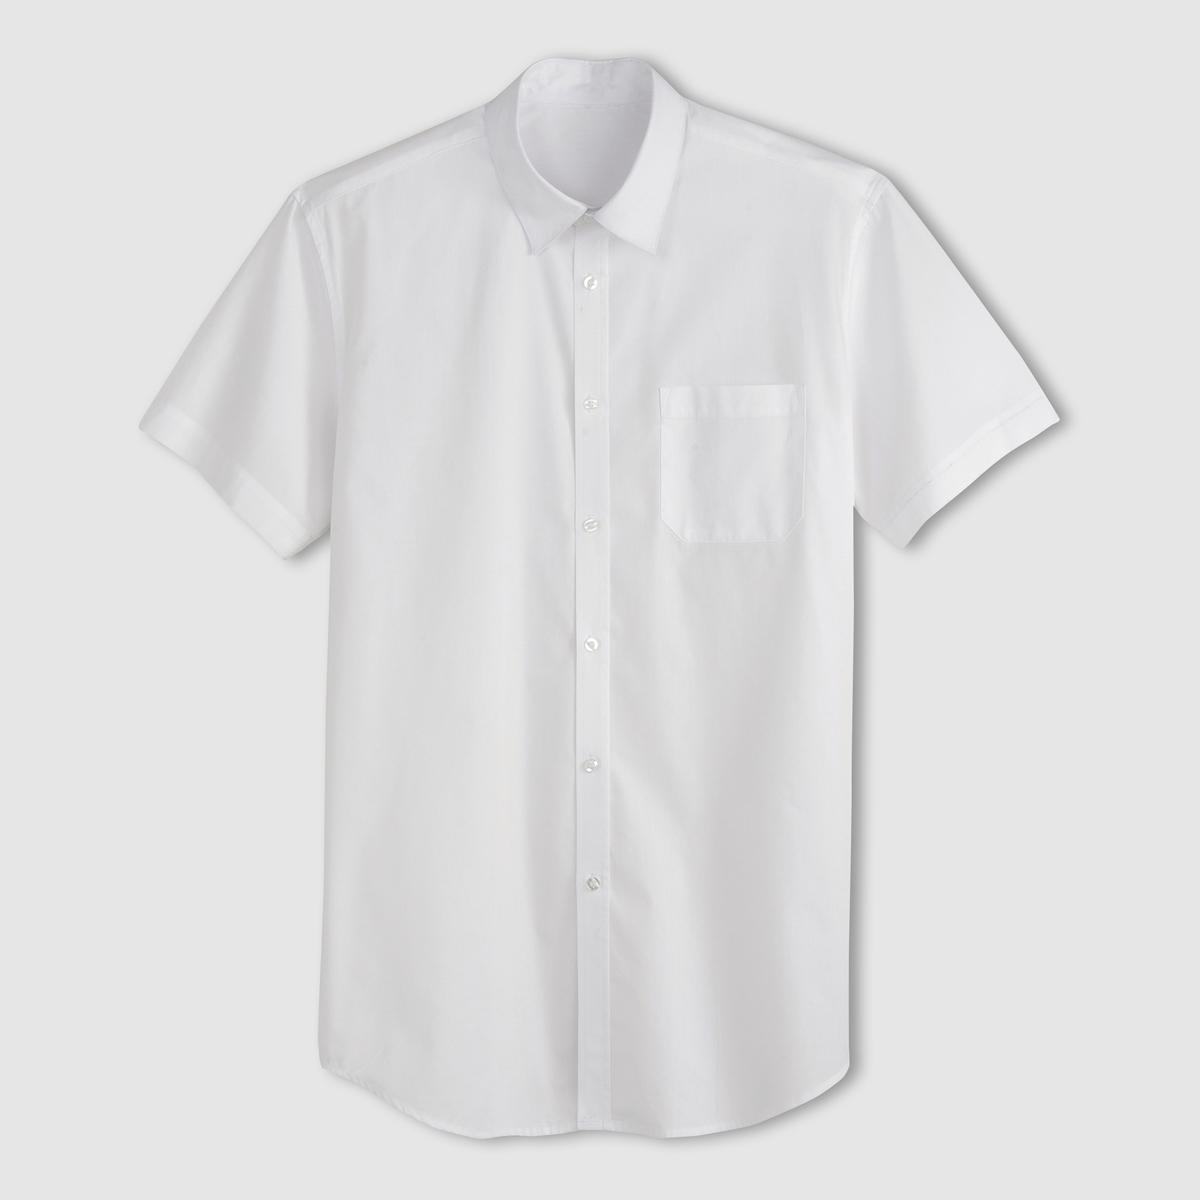 Рубашка из поплина с короткими рукавами, рост 3Рост 3 (при росте от 187 см) :- длина рубашки спереди : 87 см для размера 41/42 и 96 см для размера 59/60.- длина рукавов : 24 см для размера 41/42 и 28,5 см для размера 59/60.Данная модель представлена также для роста 1 и 2 (при росте до 187 см) и с длинными рукавами.<br><br>Цвет: белый,голубой,синий в полоску,темно-синий,черный<br>Размер: 41/42.43/44.51/52.55/56.53/54.41/42.43/44.49/50.53/54.43/44.49/50